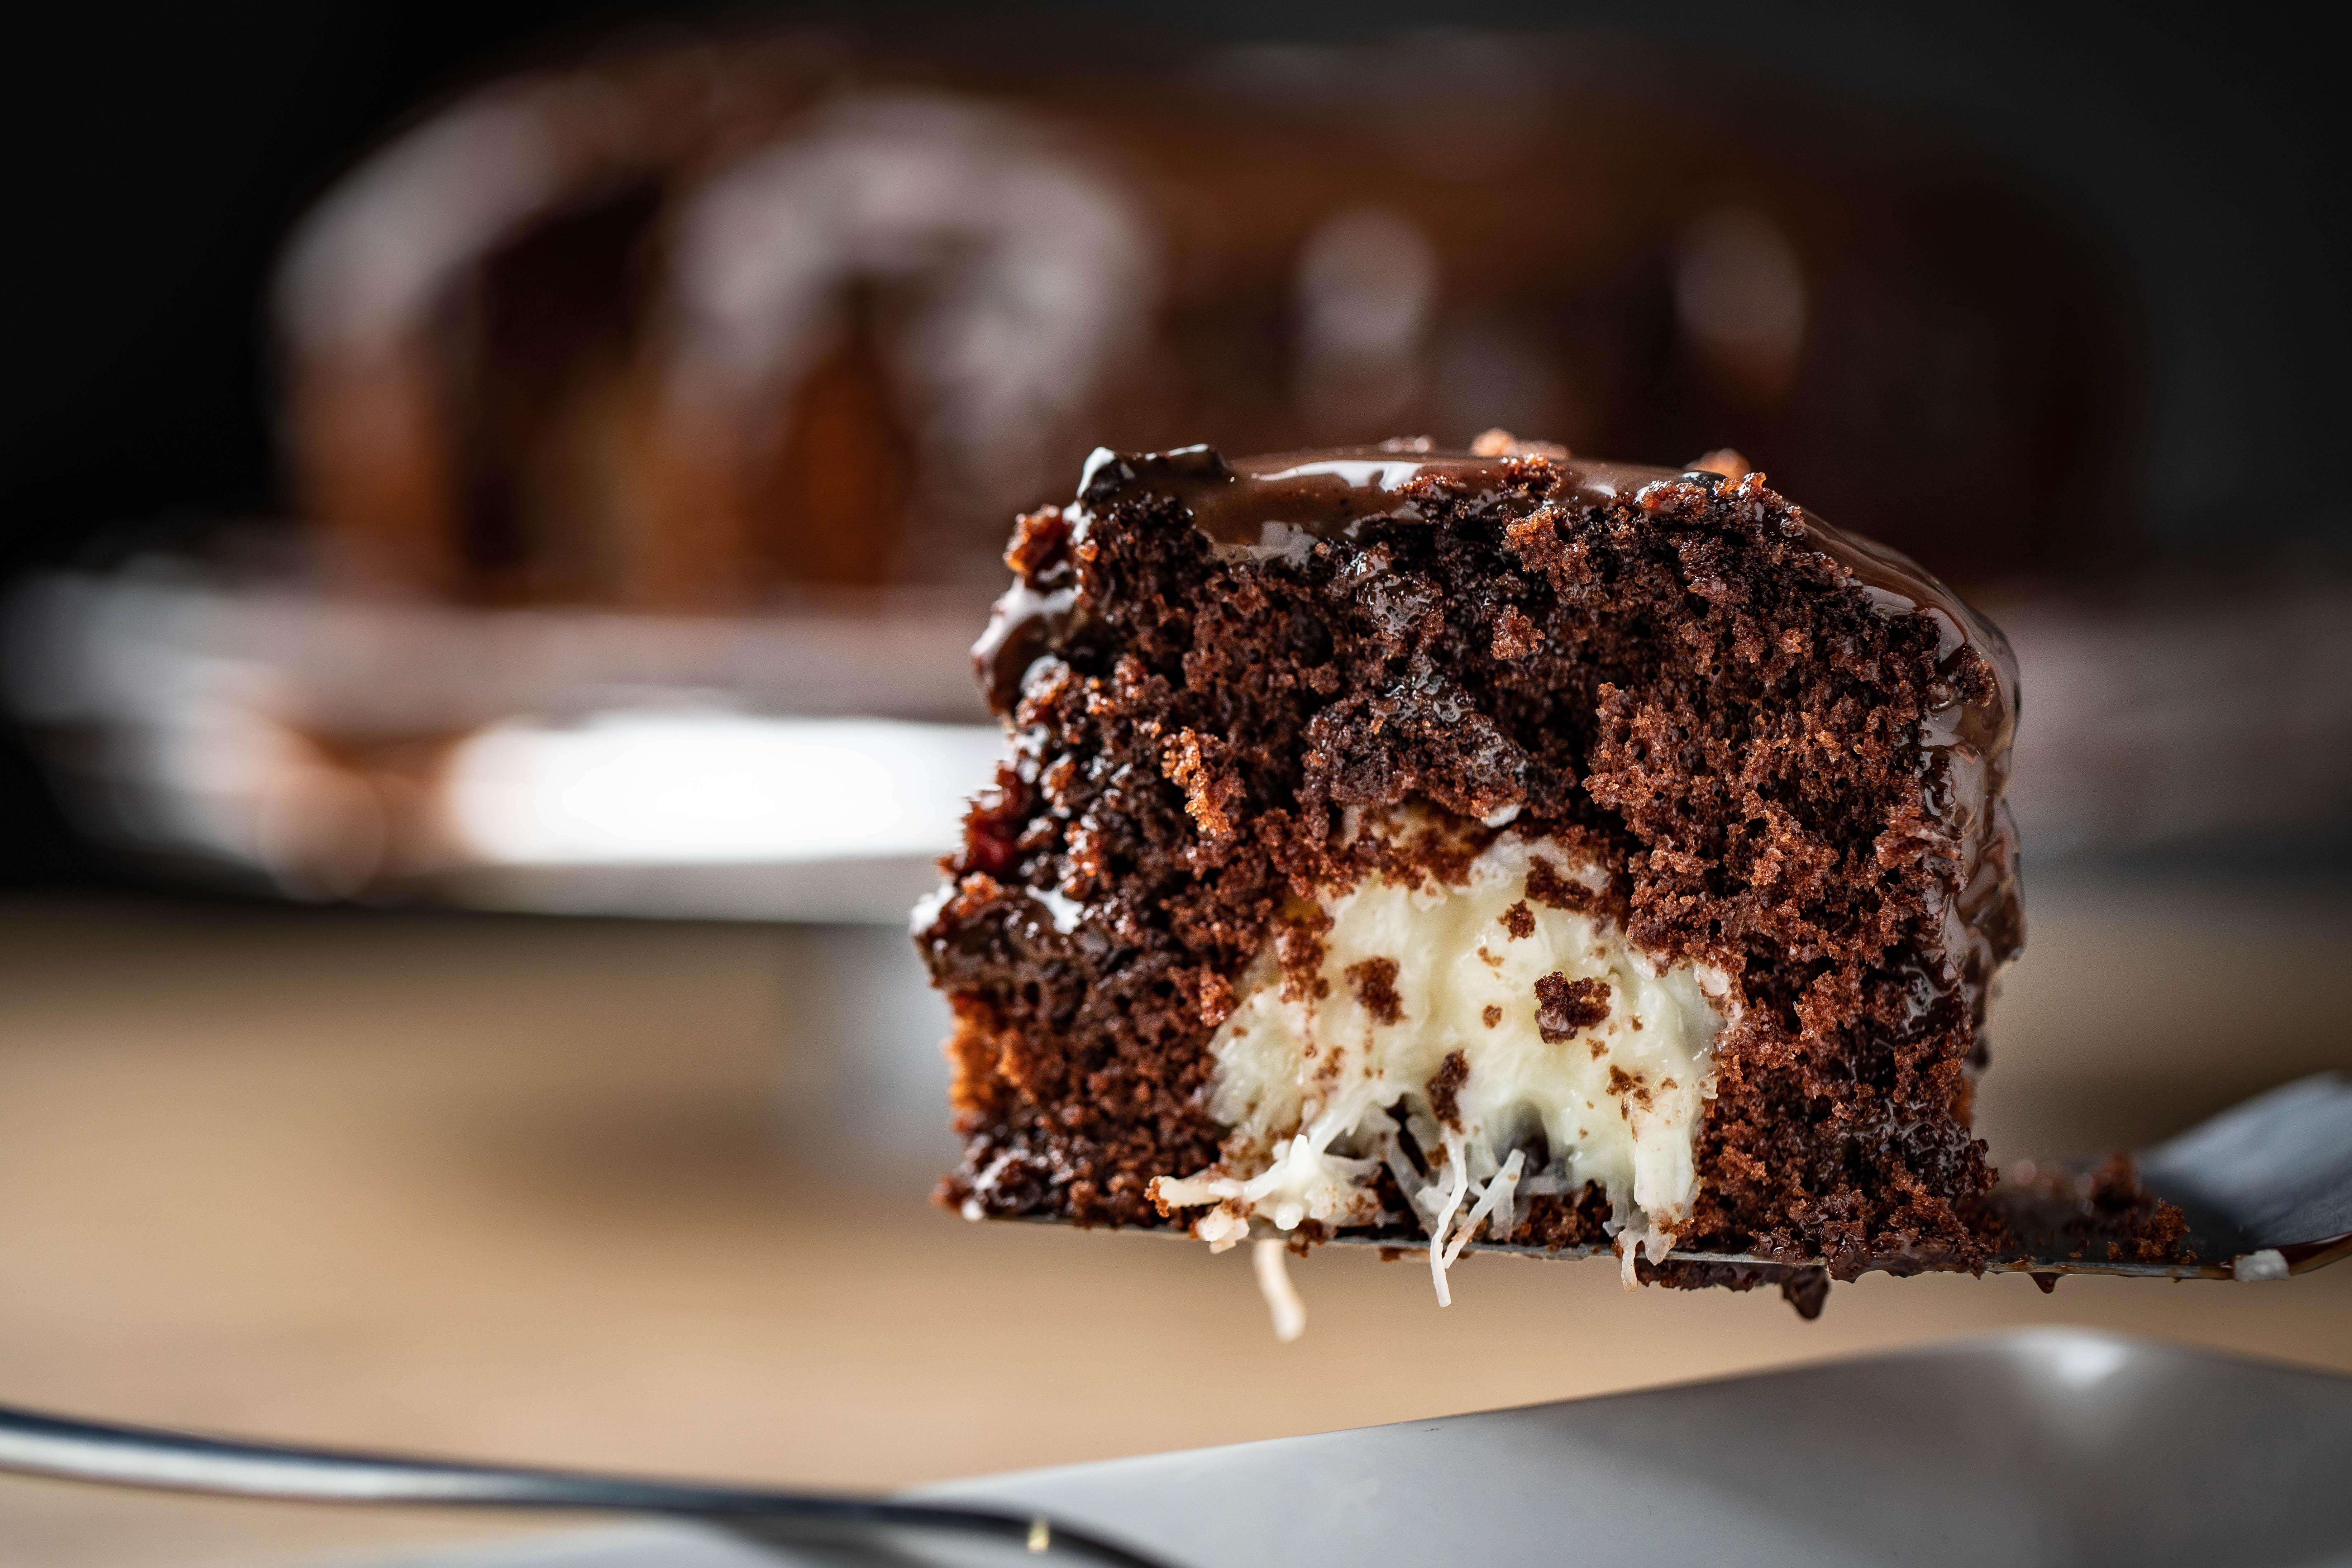 Pedaço de bolo de chocolate com recheio de cocada no centro e cobertura de brigadeiro sobre espátula e prato branco.